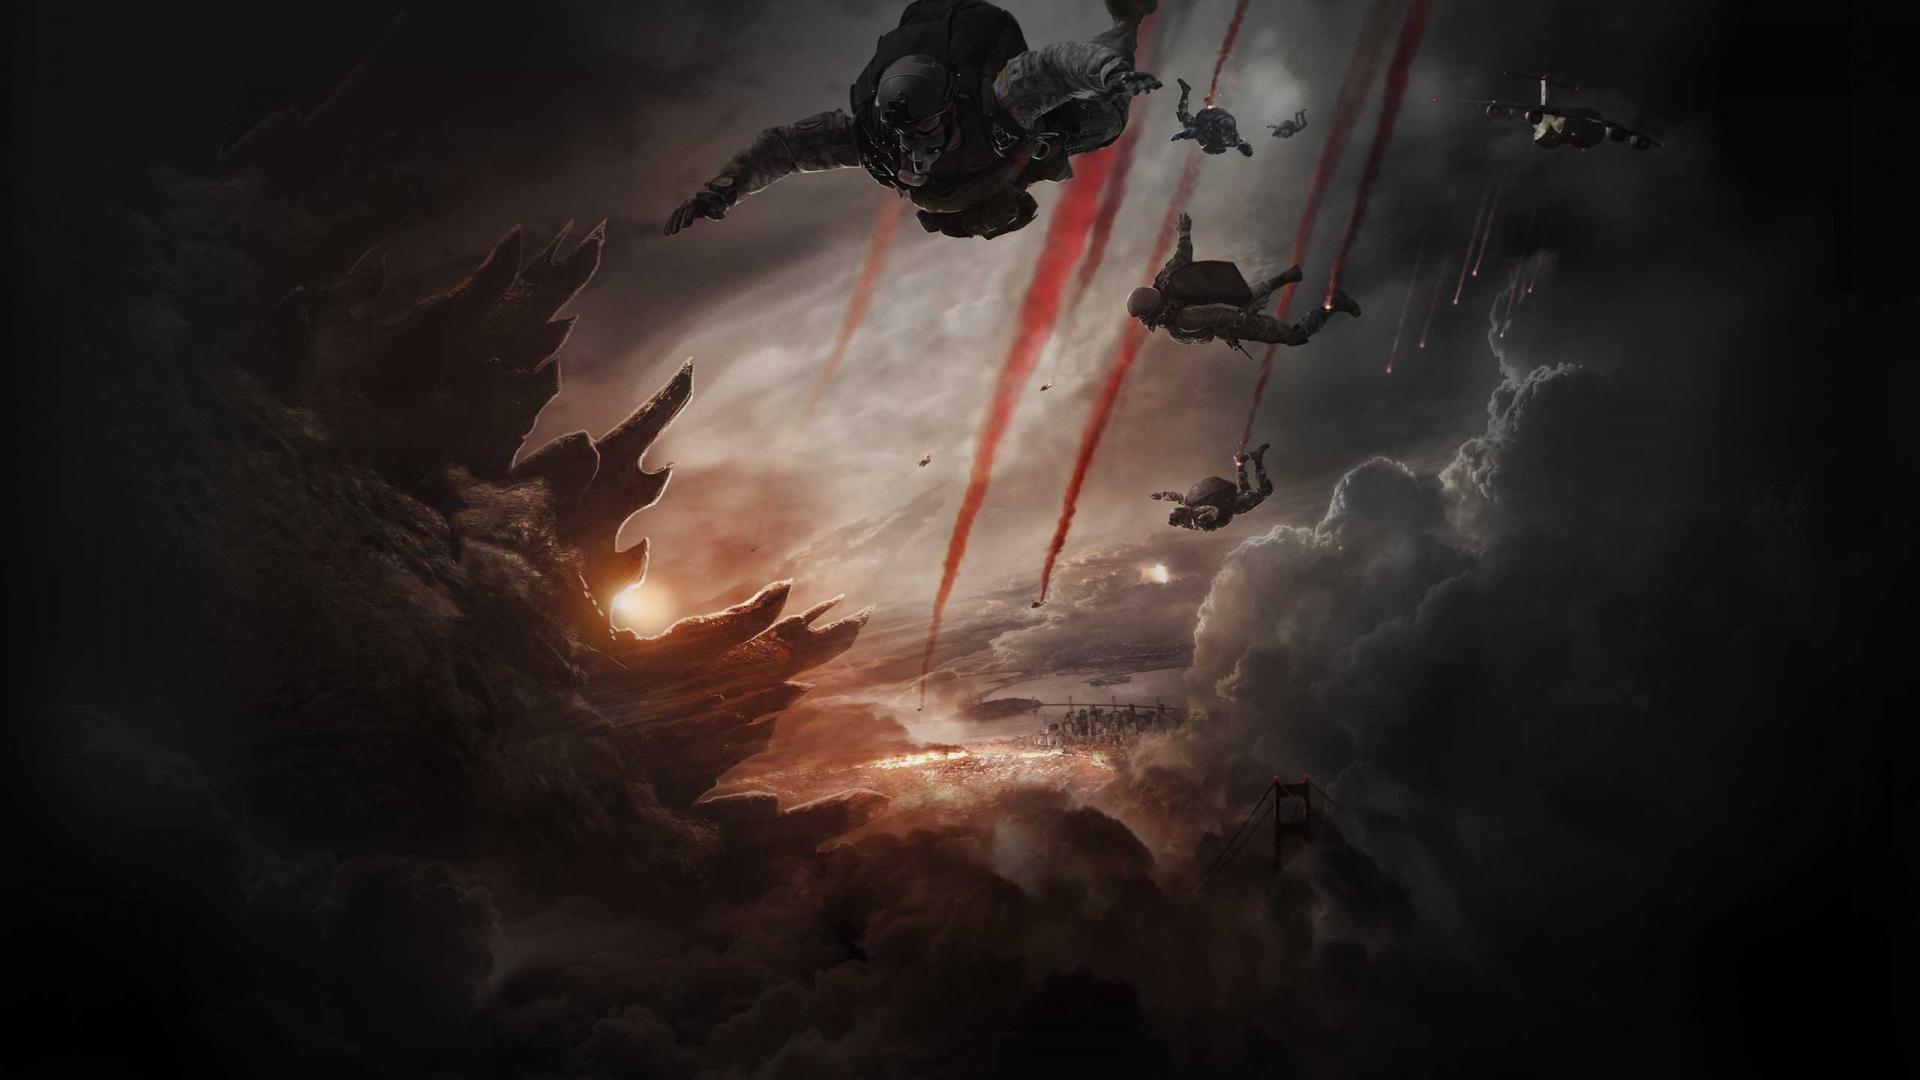 Godzilla 2014 wallpaper 2